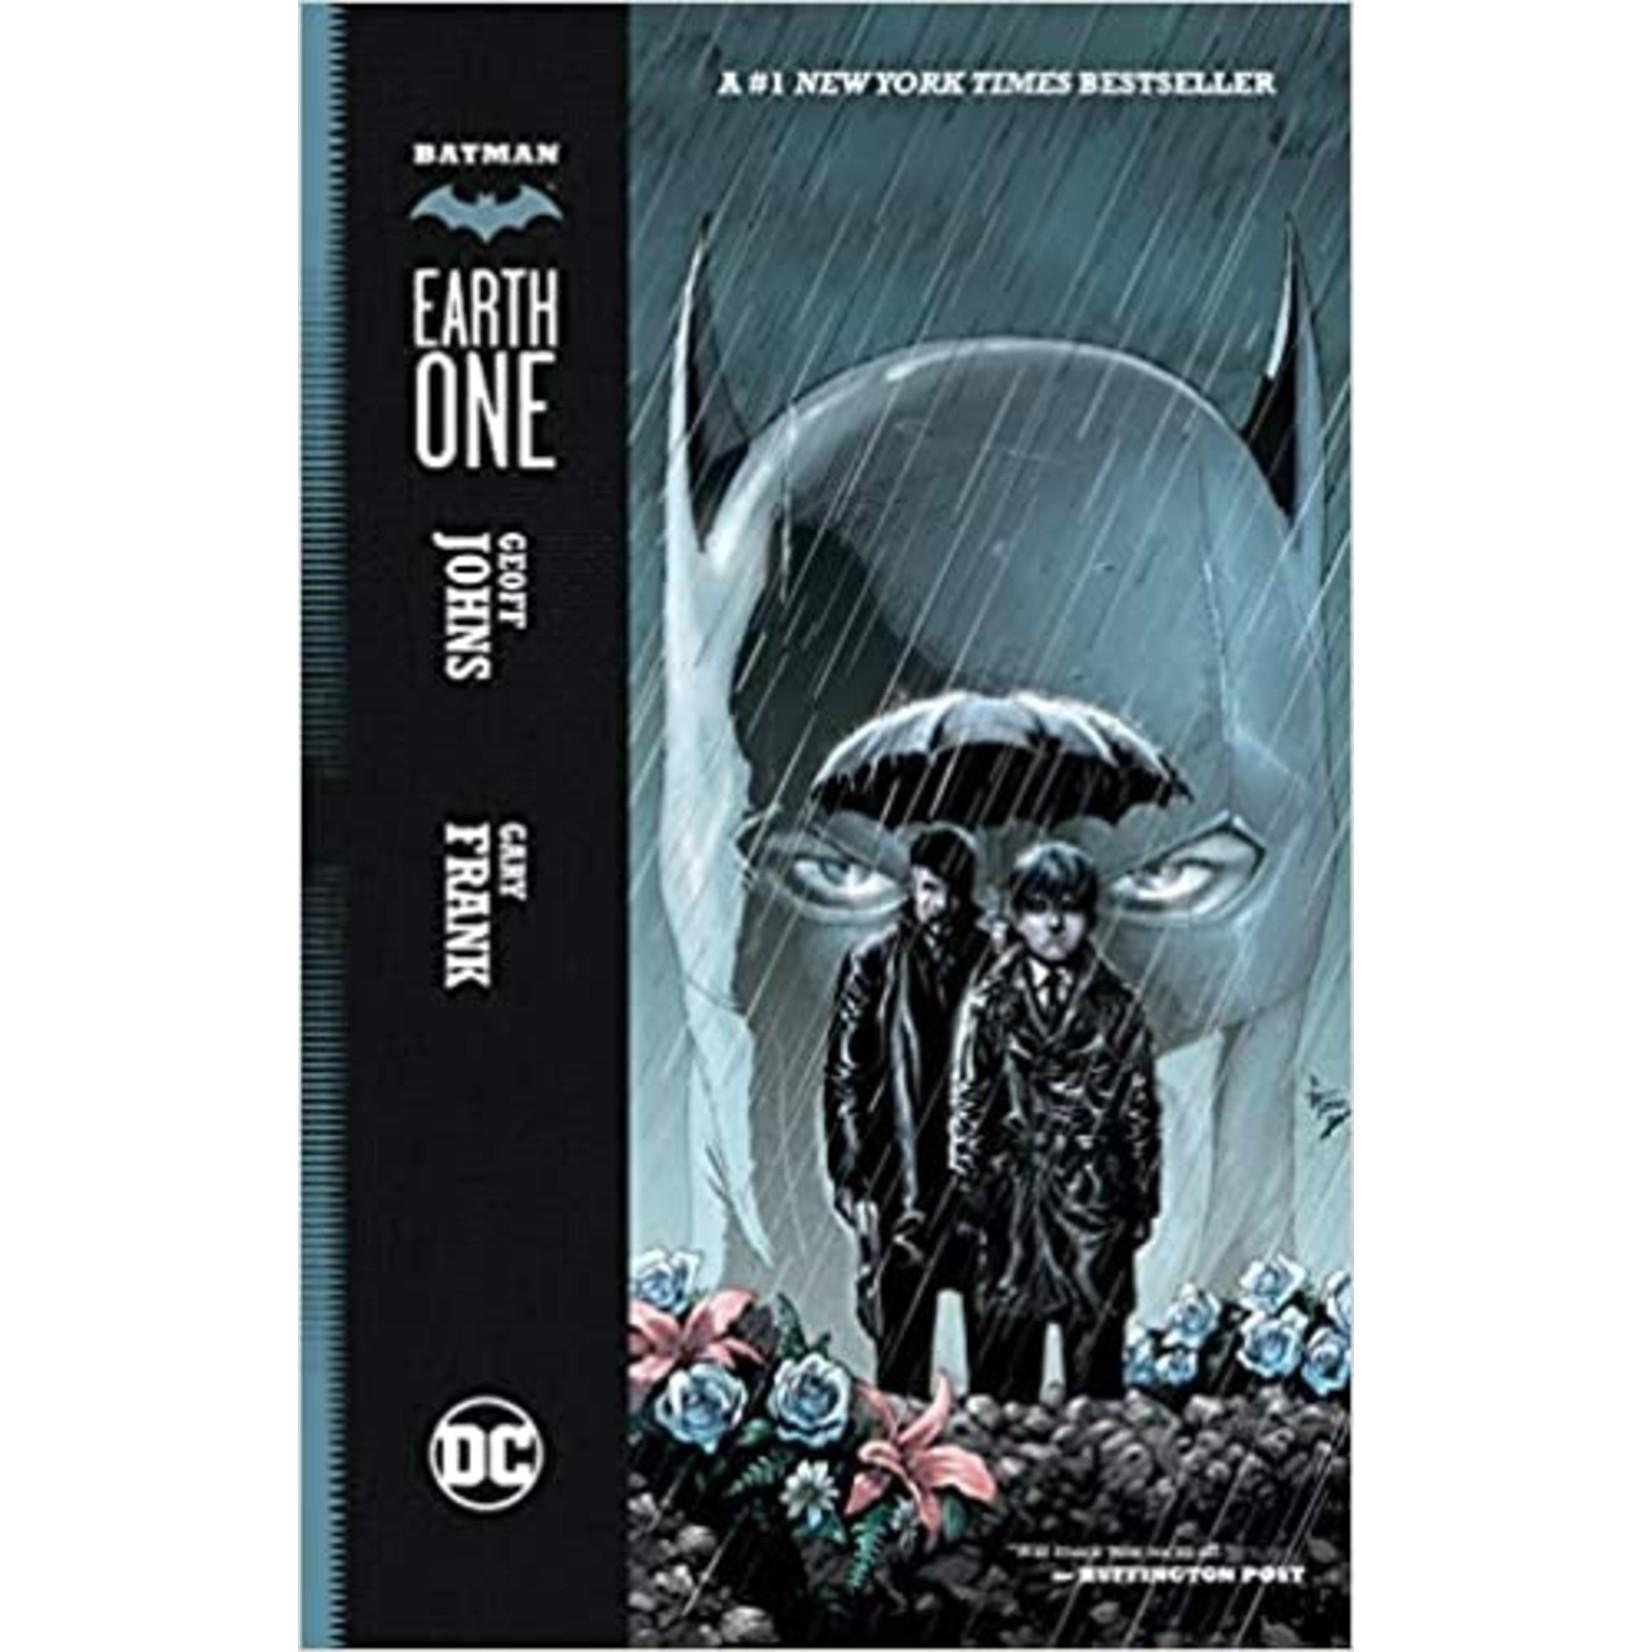 DC Comics BATMAN: EARTH ONE Vol.1